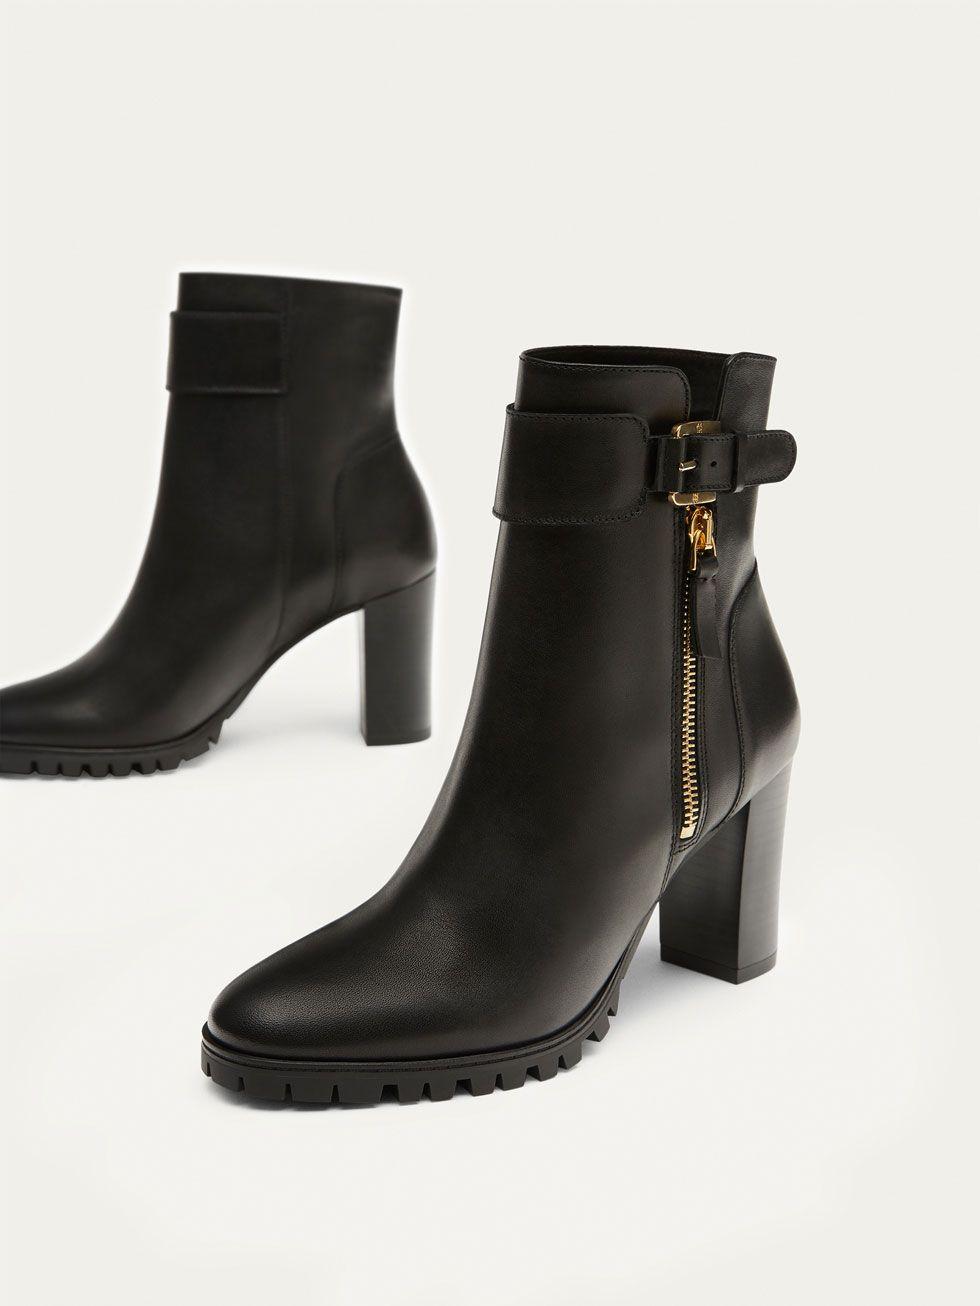 compra genuina verse bien zapatos venta estilo de moda BOTIN TACÓN PIEL NAPA NEGRO de MUJER - Zapatos - Ver todo de ...